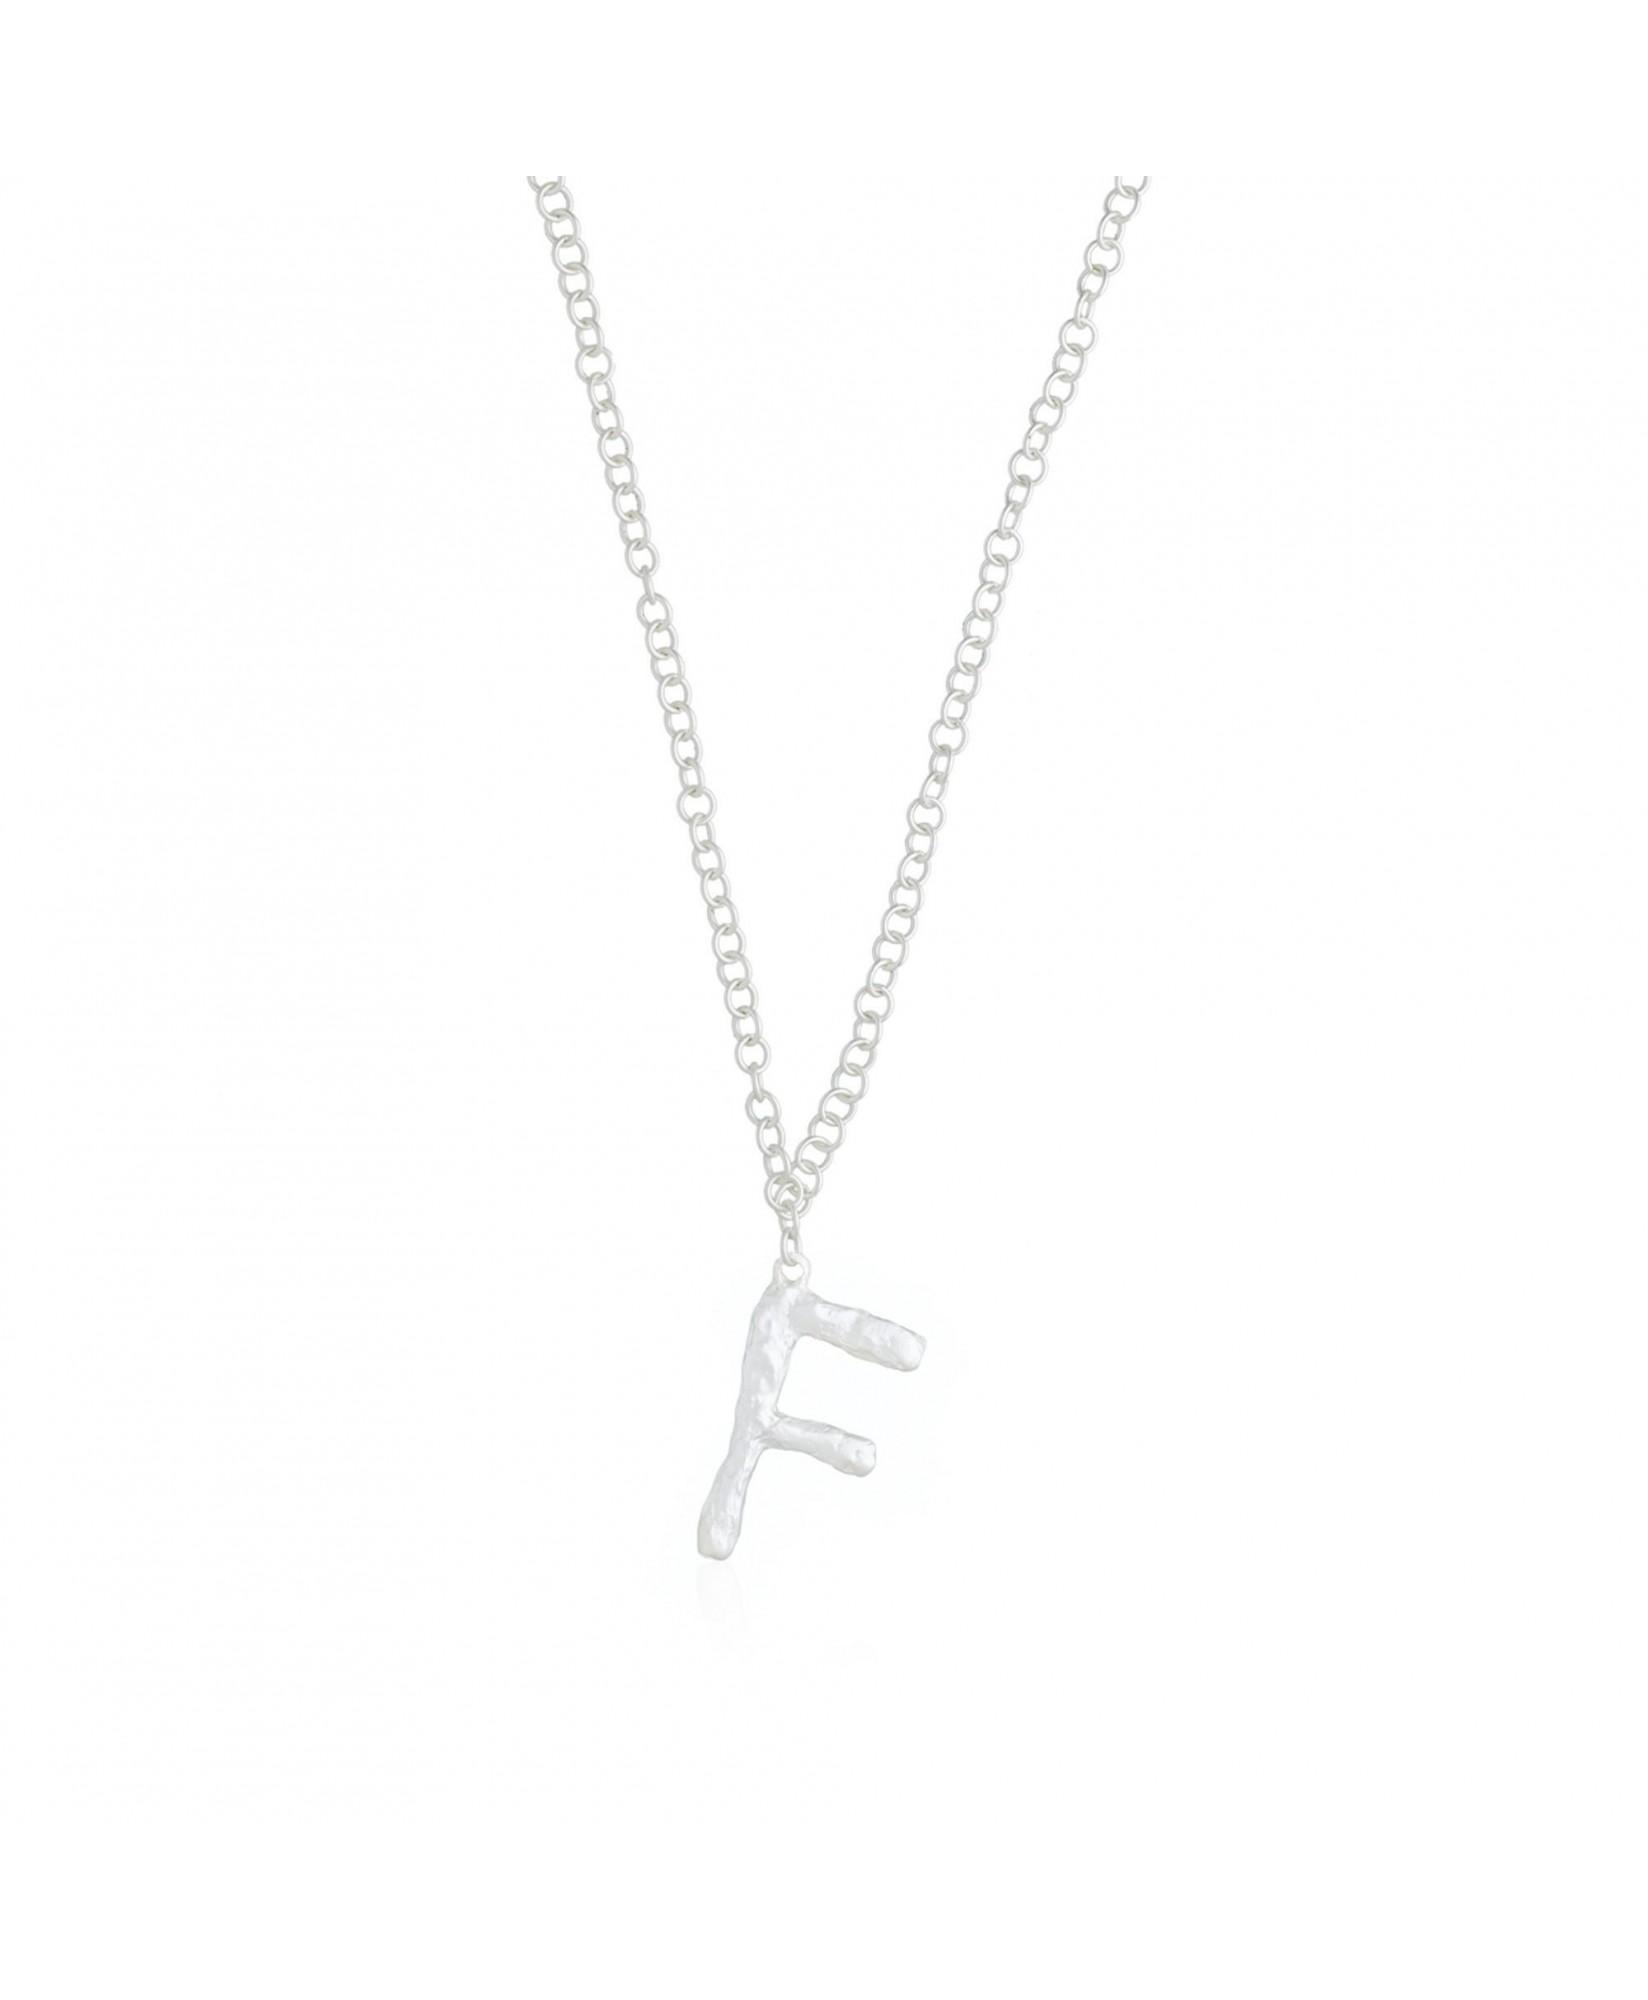 Collar con colgante con inicial F plata Collar con colgante con inicial F plata